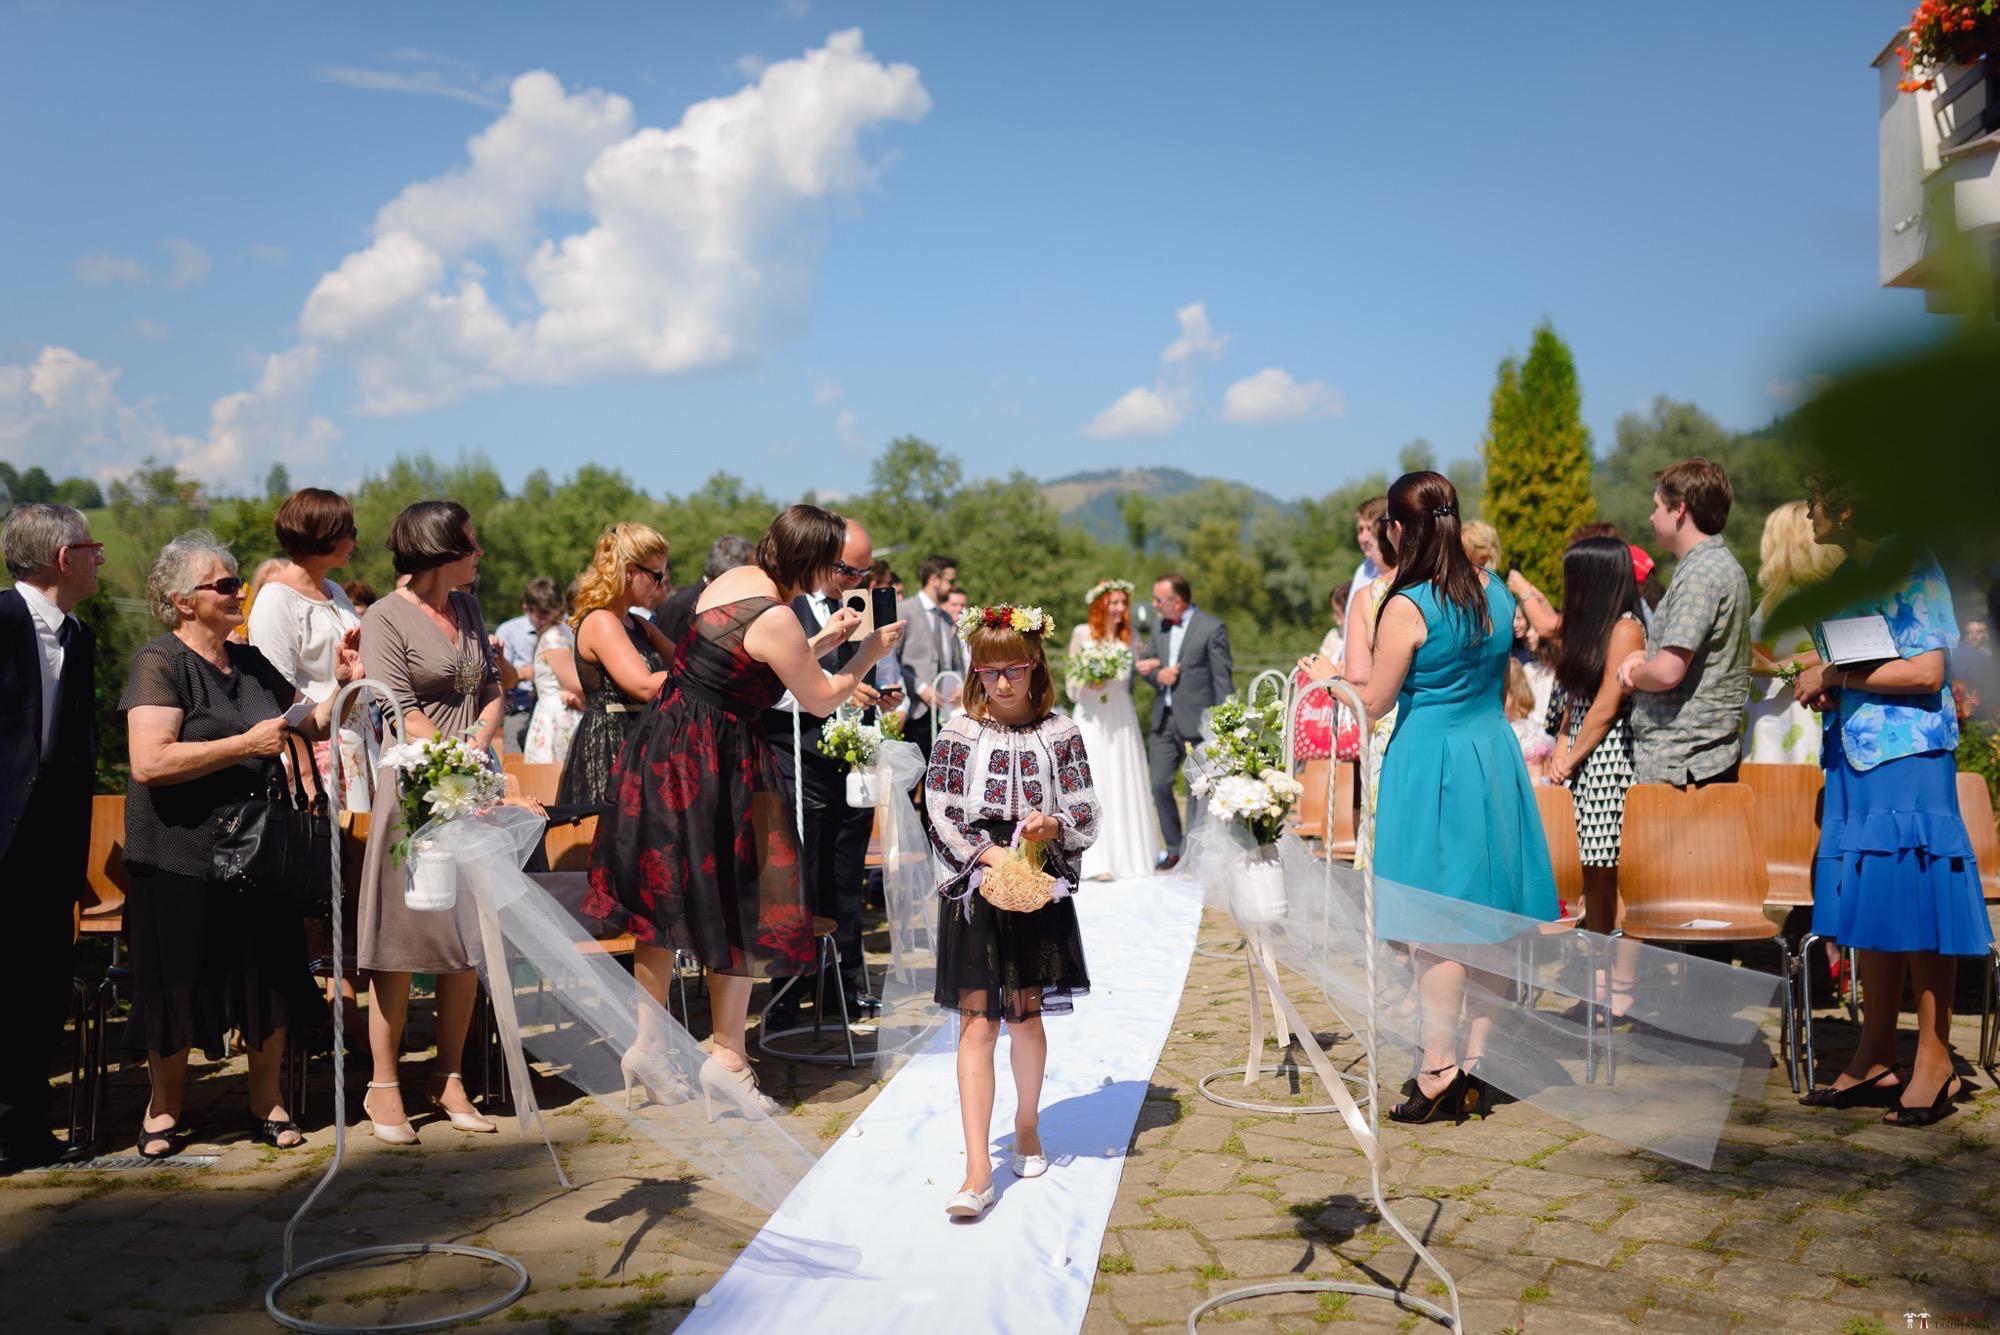 Povești Nunți Tradiționale - Aurelian și Sonia. Nuntă tradițională în Câmpulung Moldovenesc 9